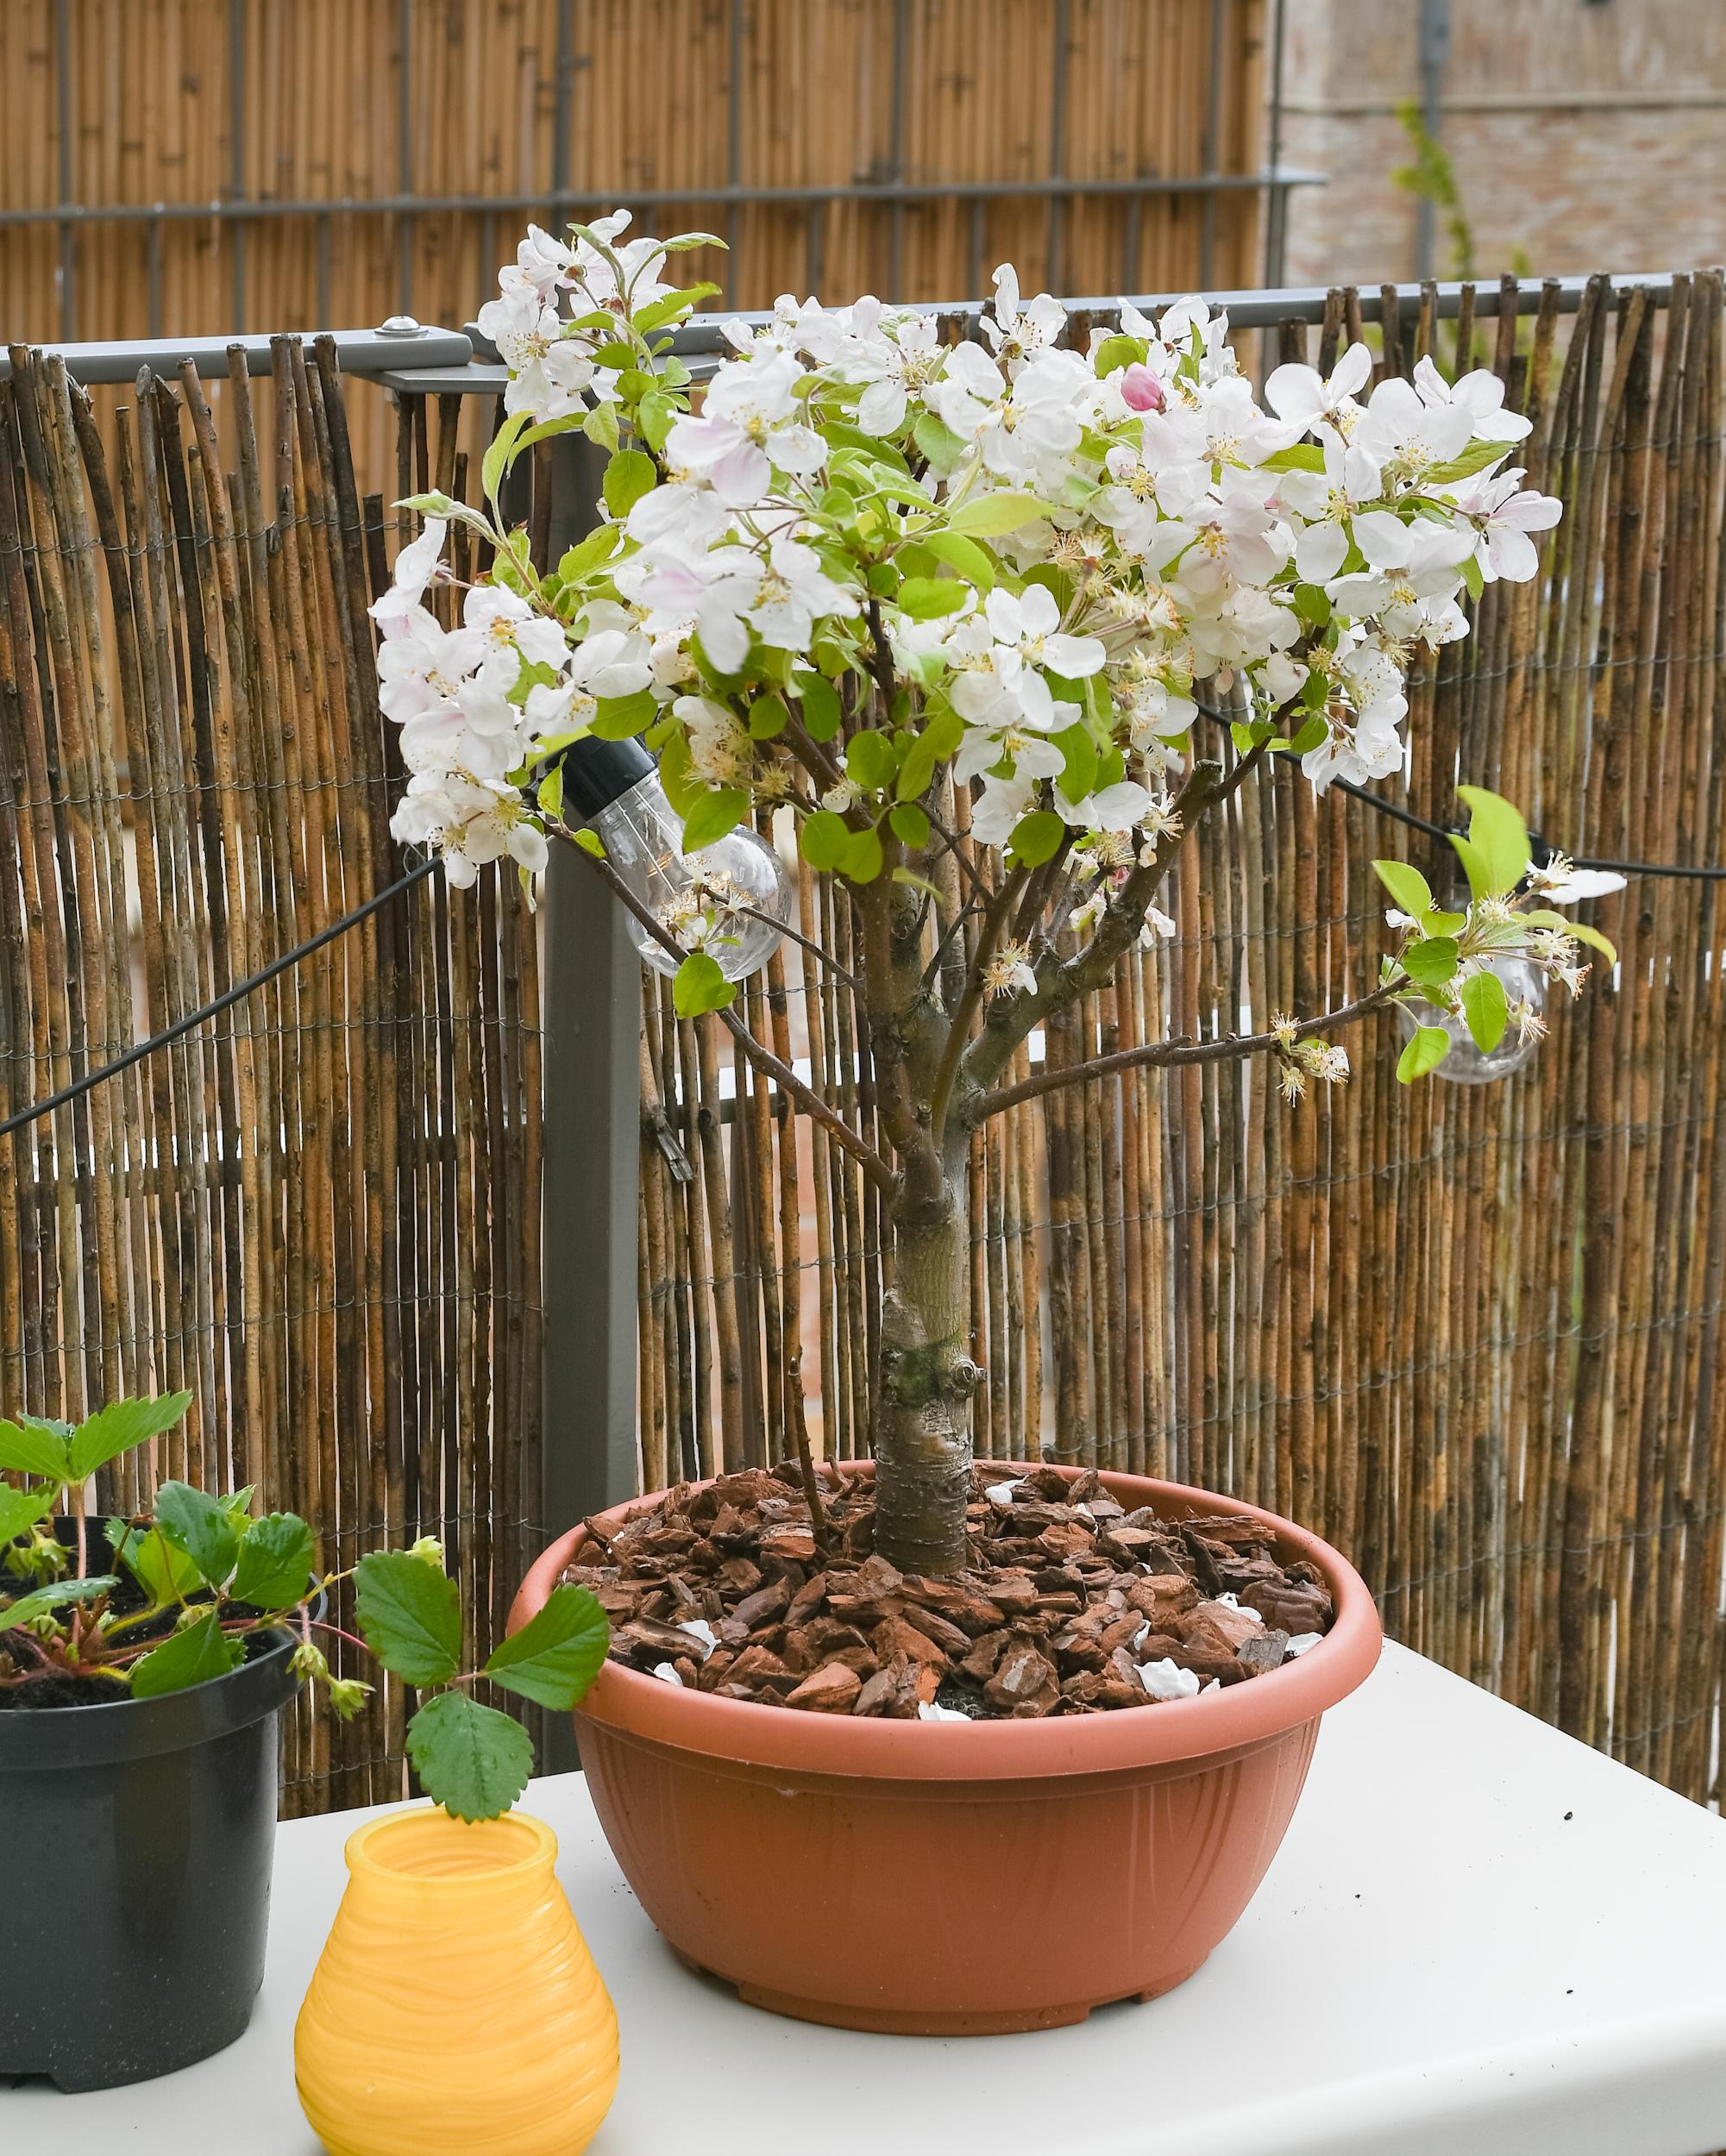 Fruitboom voor moestuin in bakken en potten